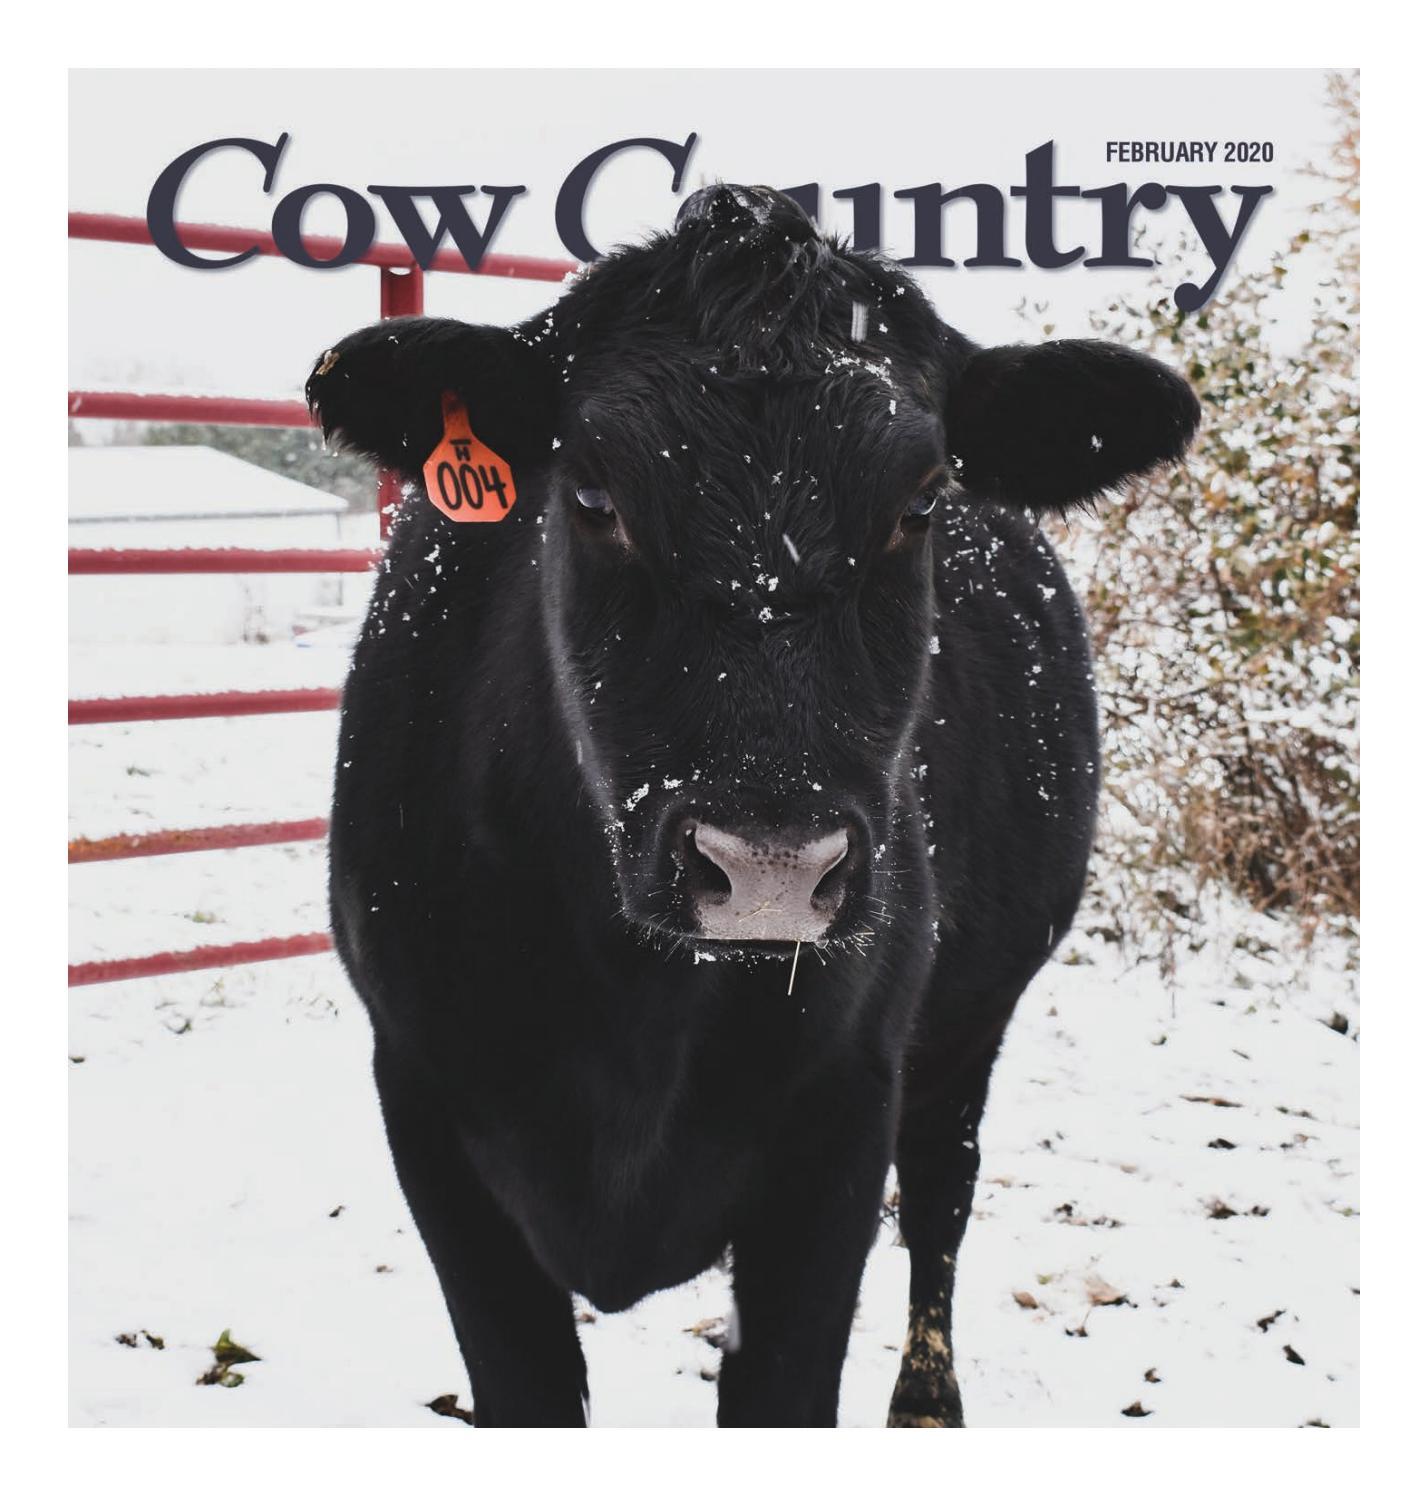 Mens Womens Black Steer Cow Heifer Bull Bovine Calf T-Shirt L 2X   SALE